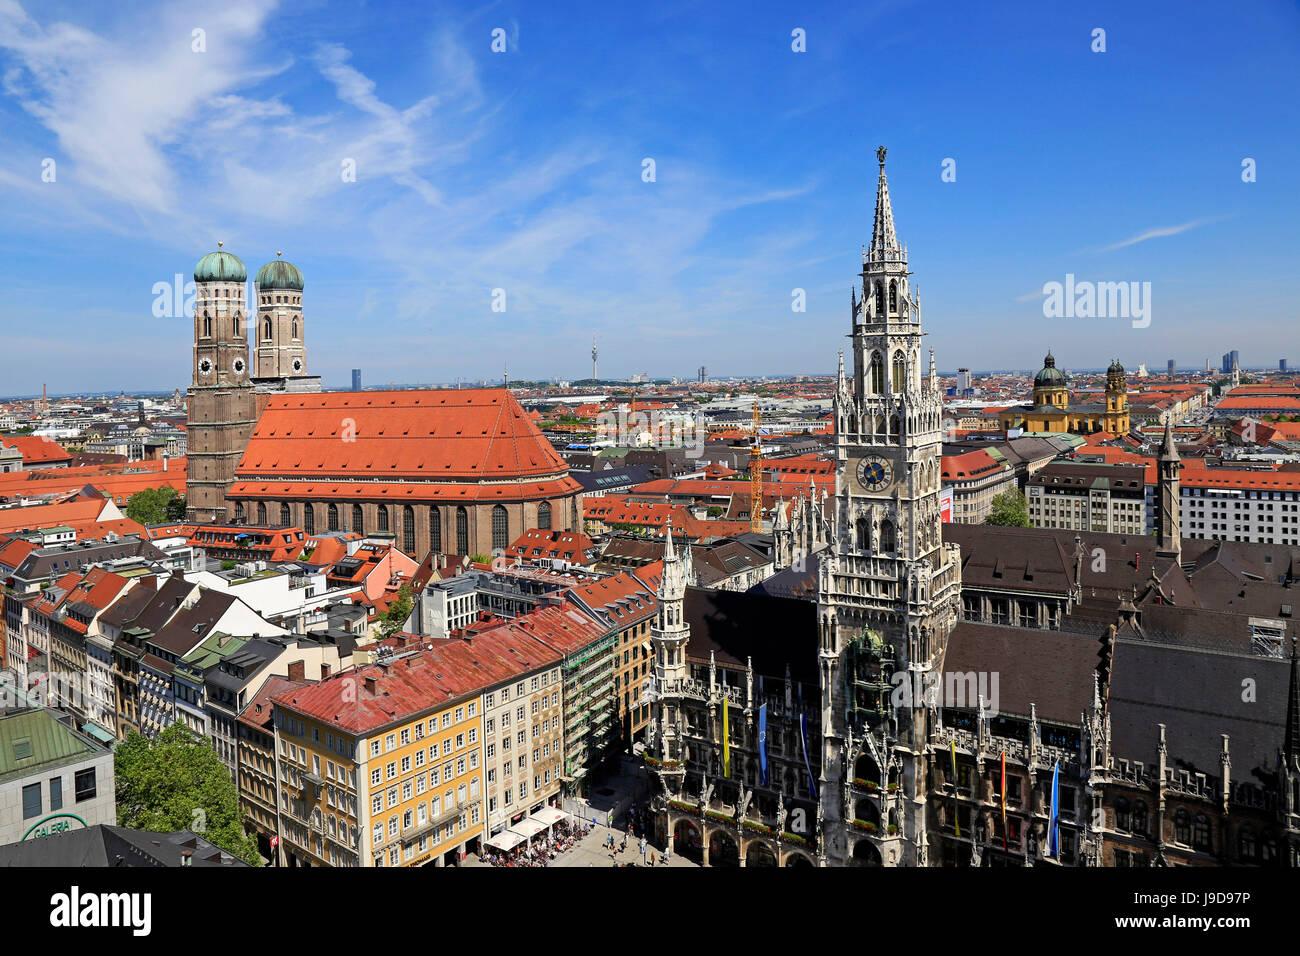 Vista desde la iglesia de San Pedro hasta la plaza Marienplatz, el Ayuntamiento y la iglesia de Nuestra Señora Imagen De Stock